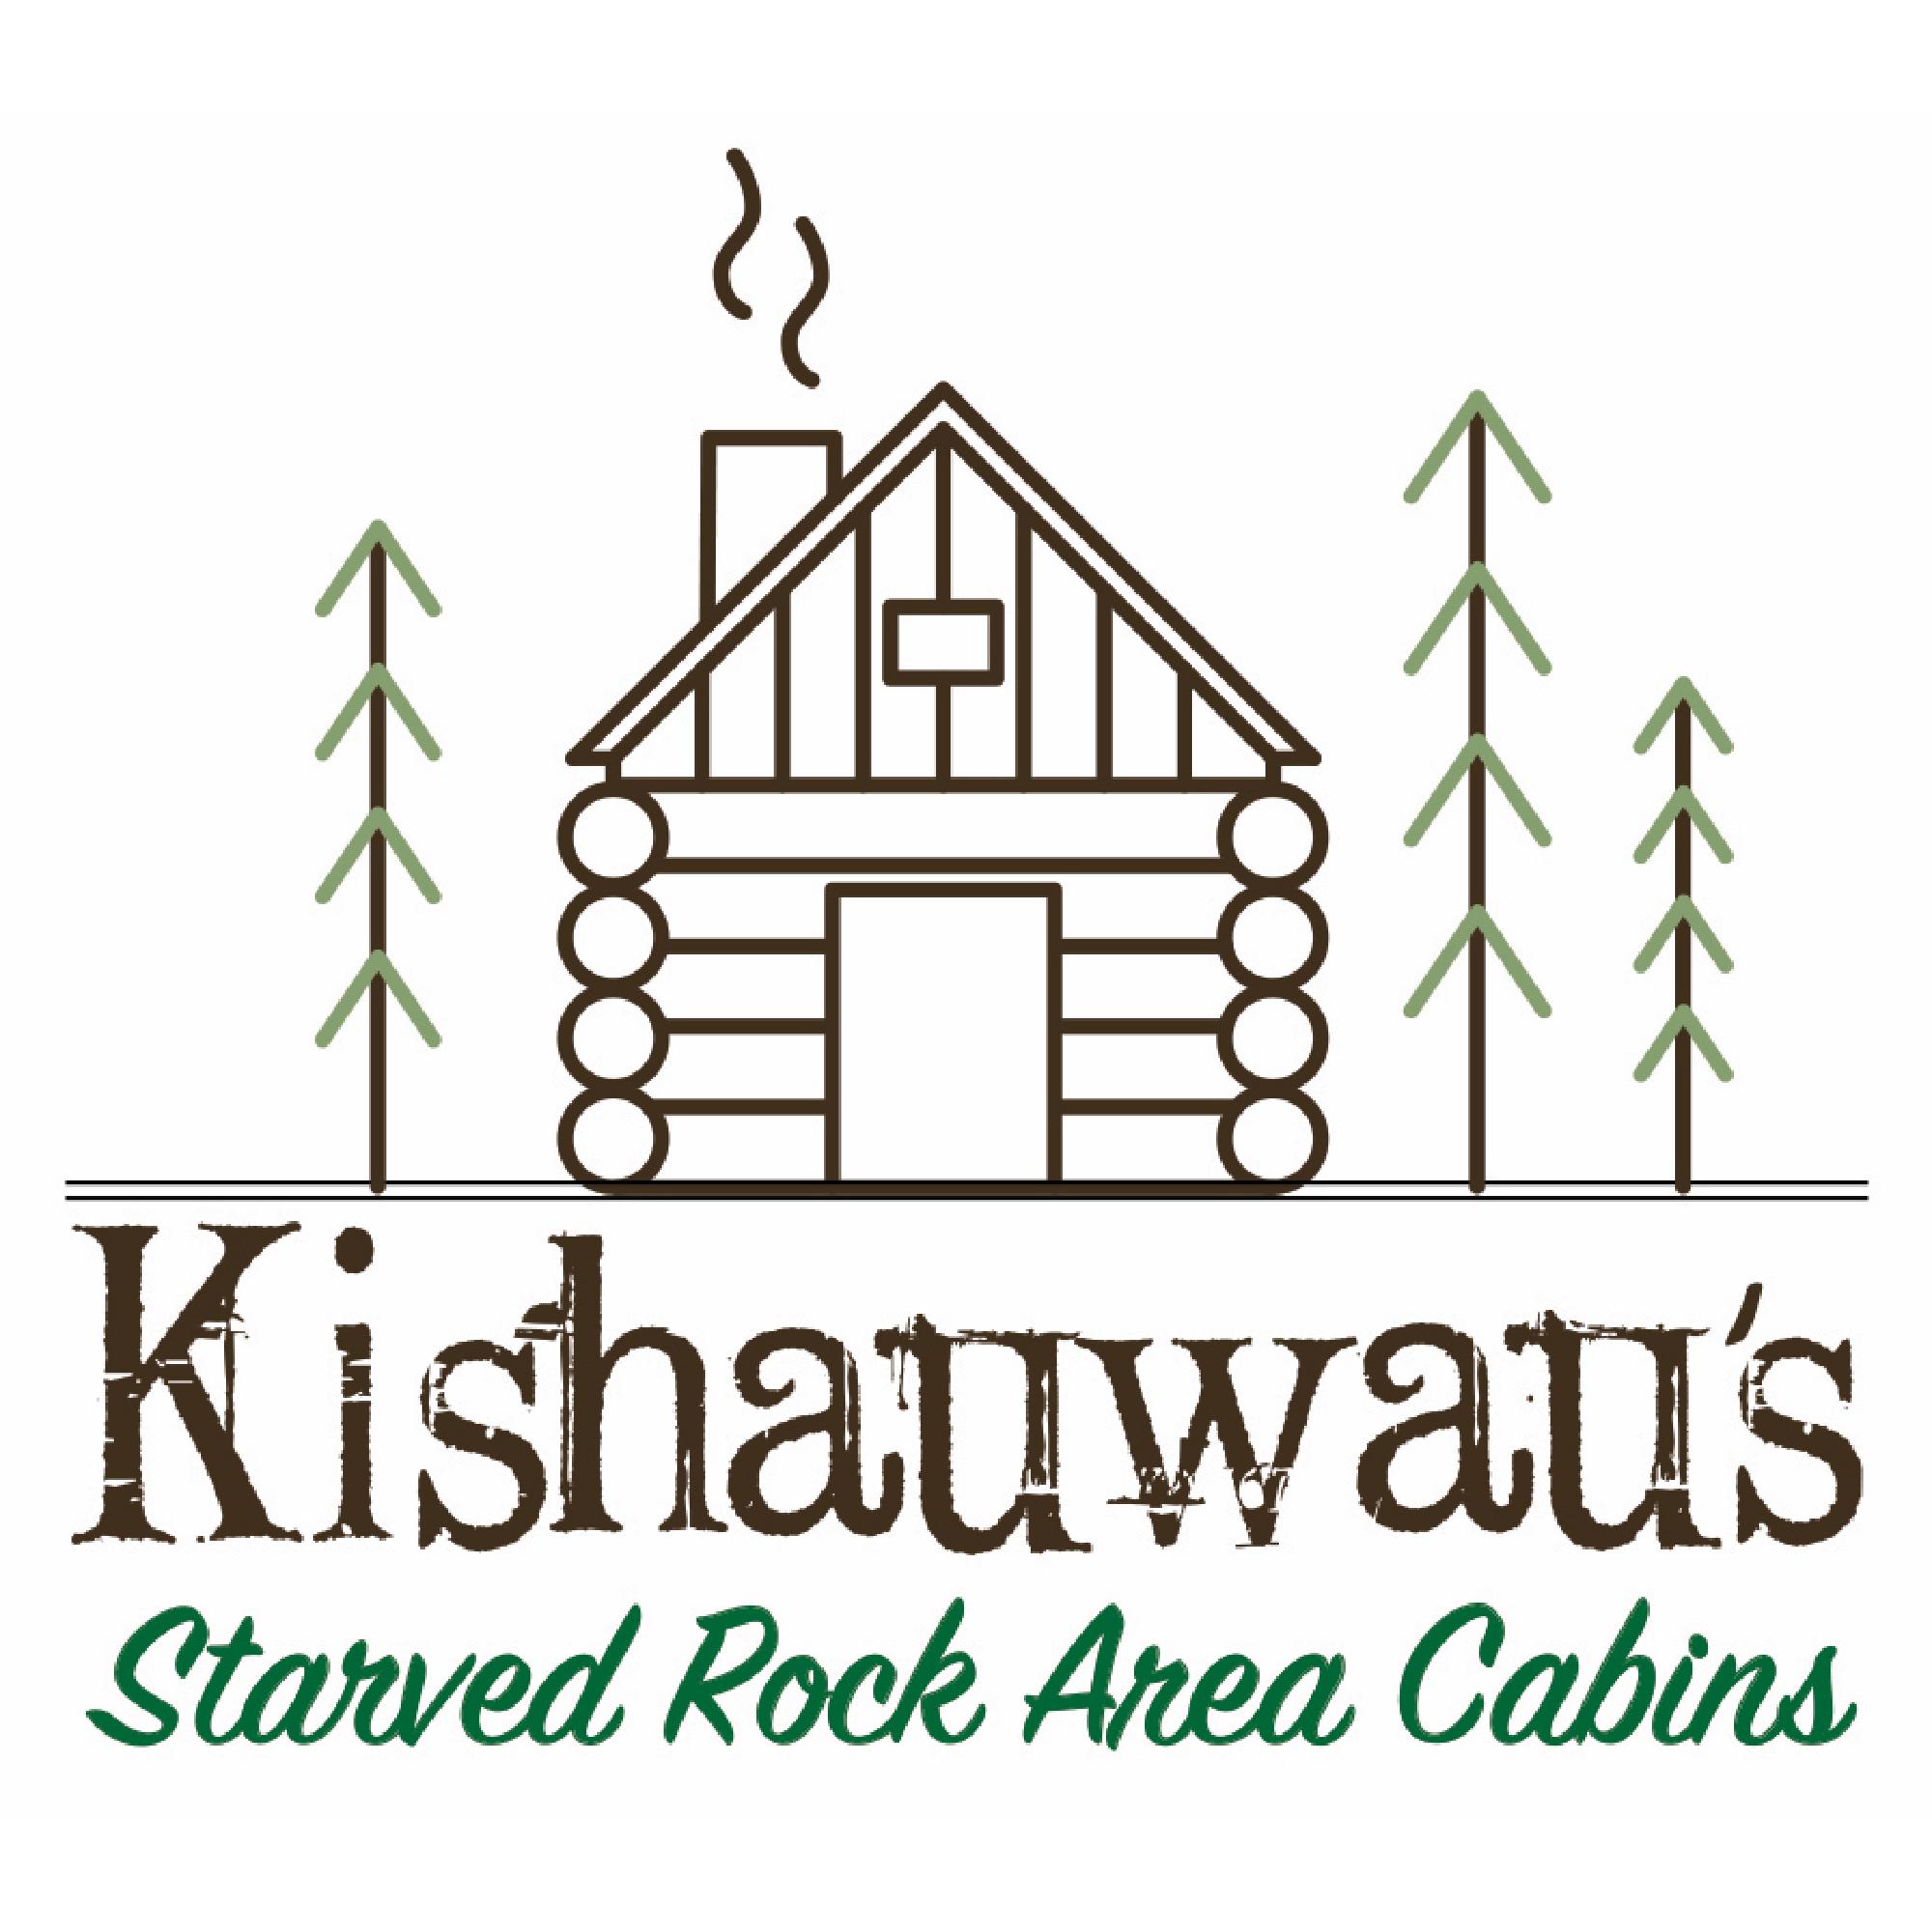 Kishauwau's Starved Rock Area Cabins